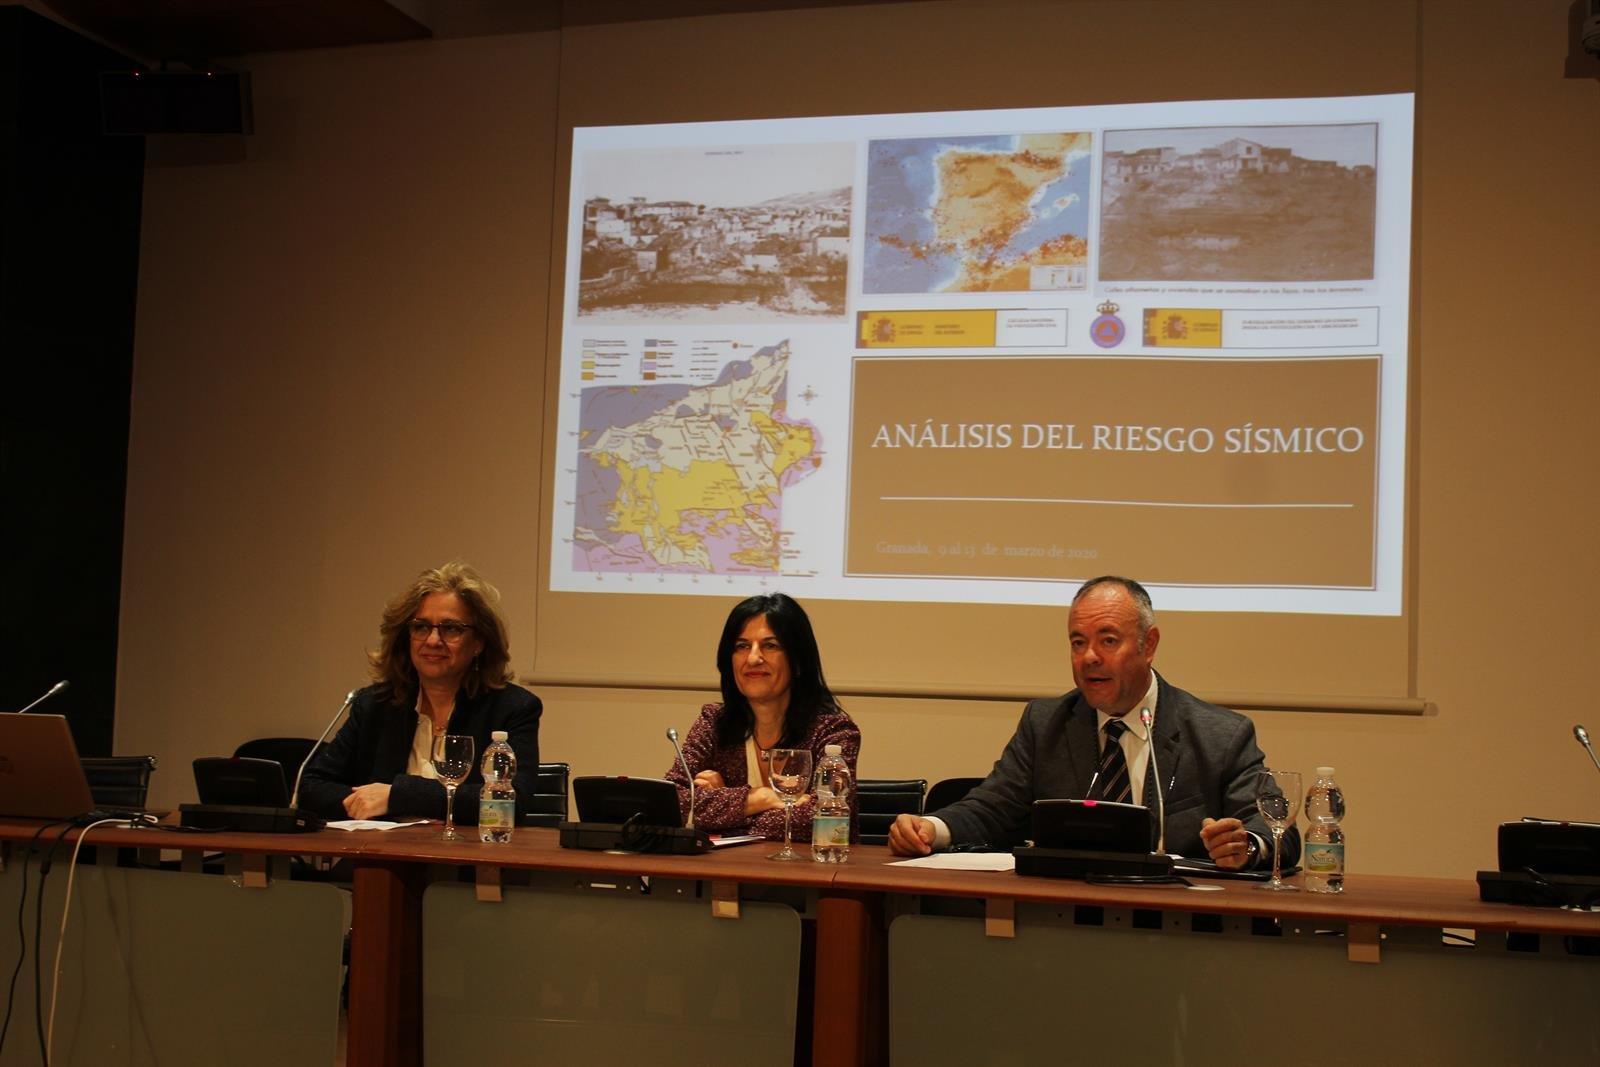 Granada reforzará su preparación para combatir el riesgo sísmico